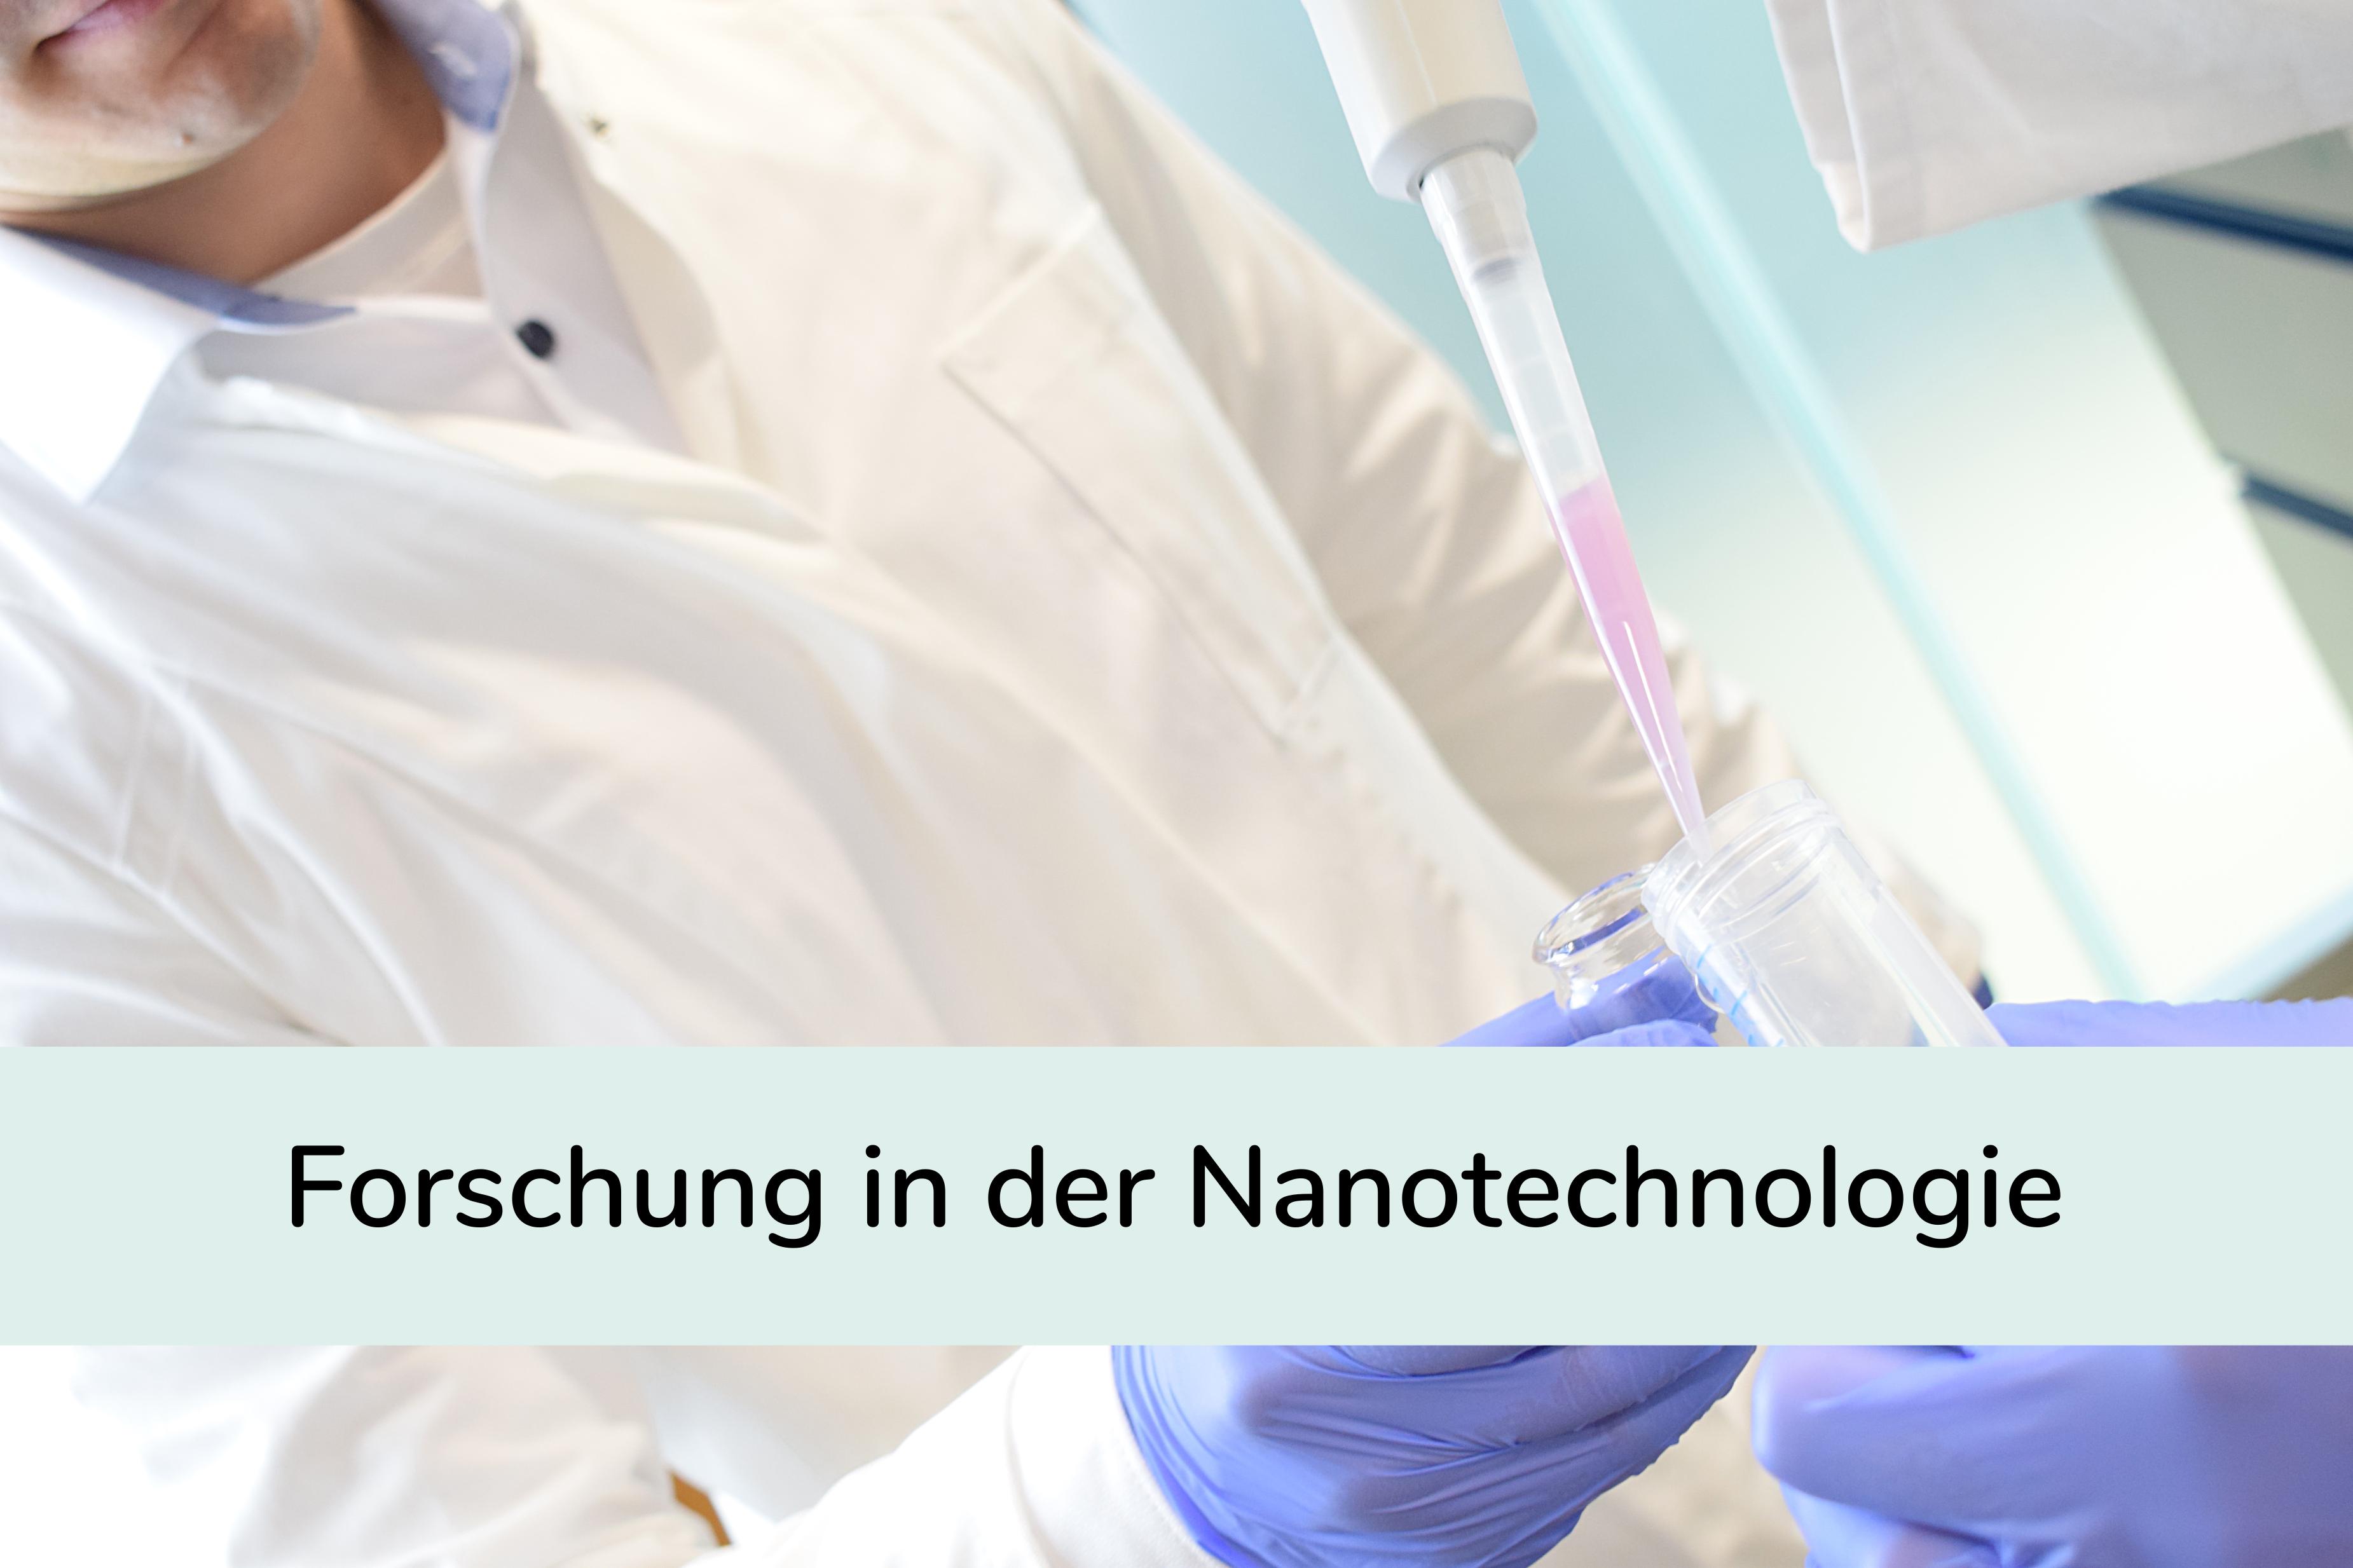 Forschung in der Nanotechnologie